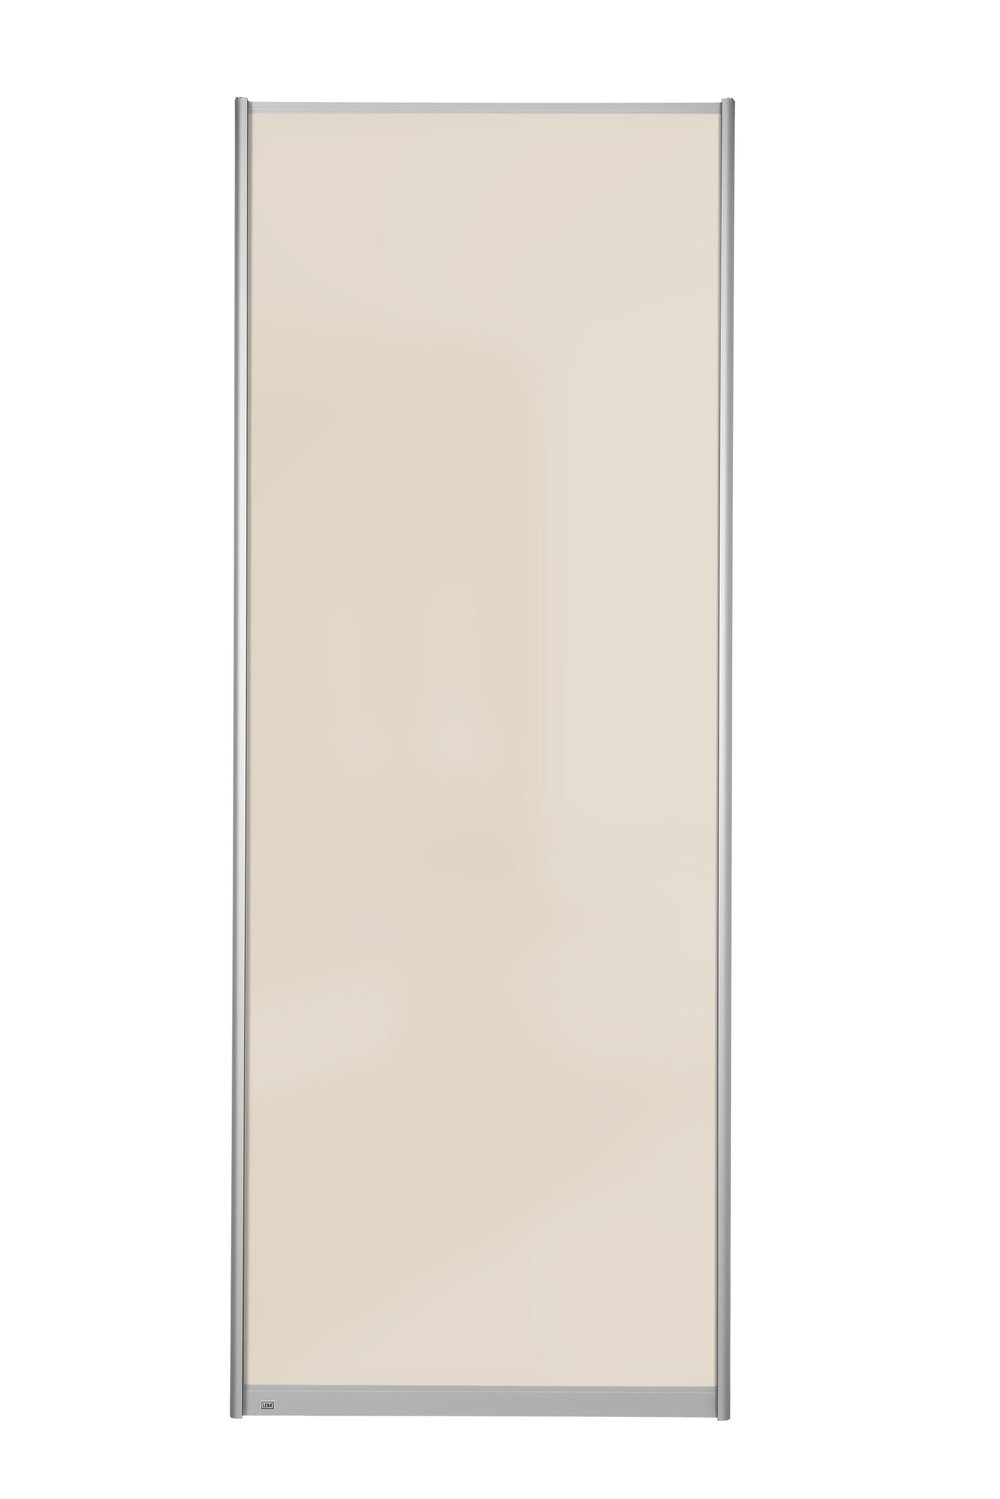 F7507 – Satinert sand beige